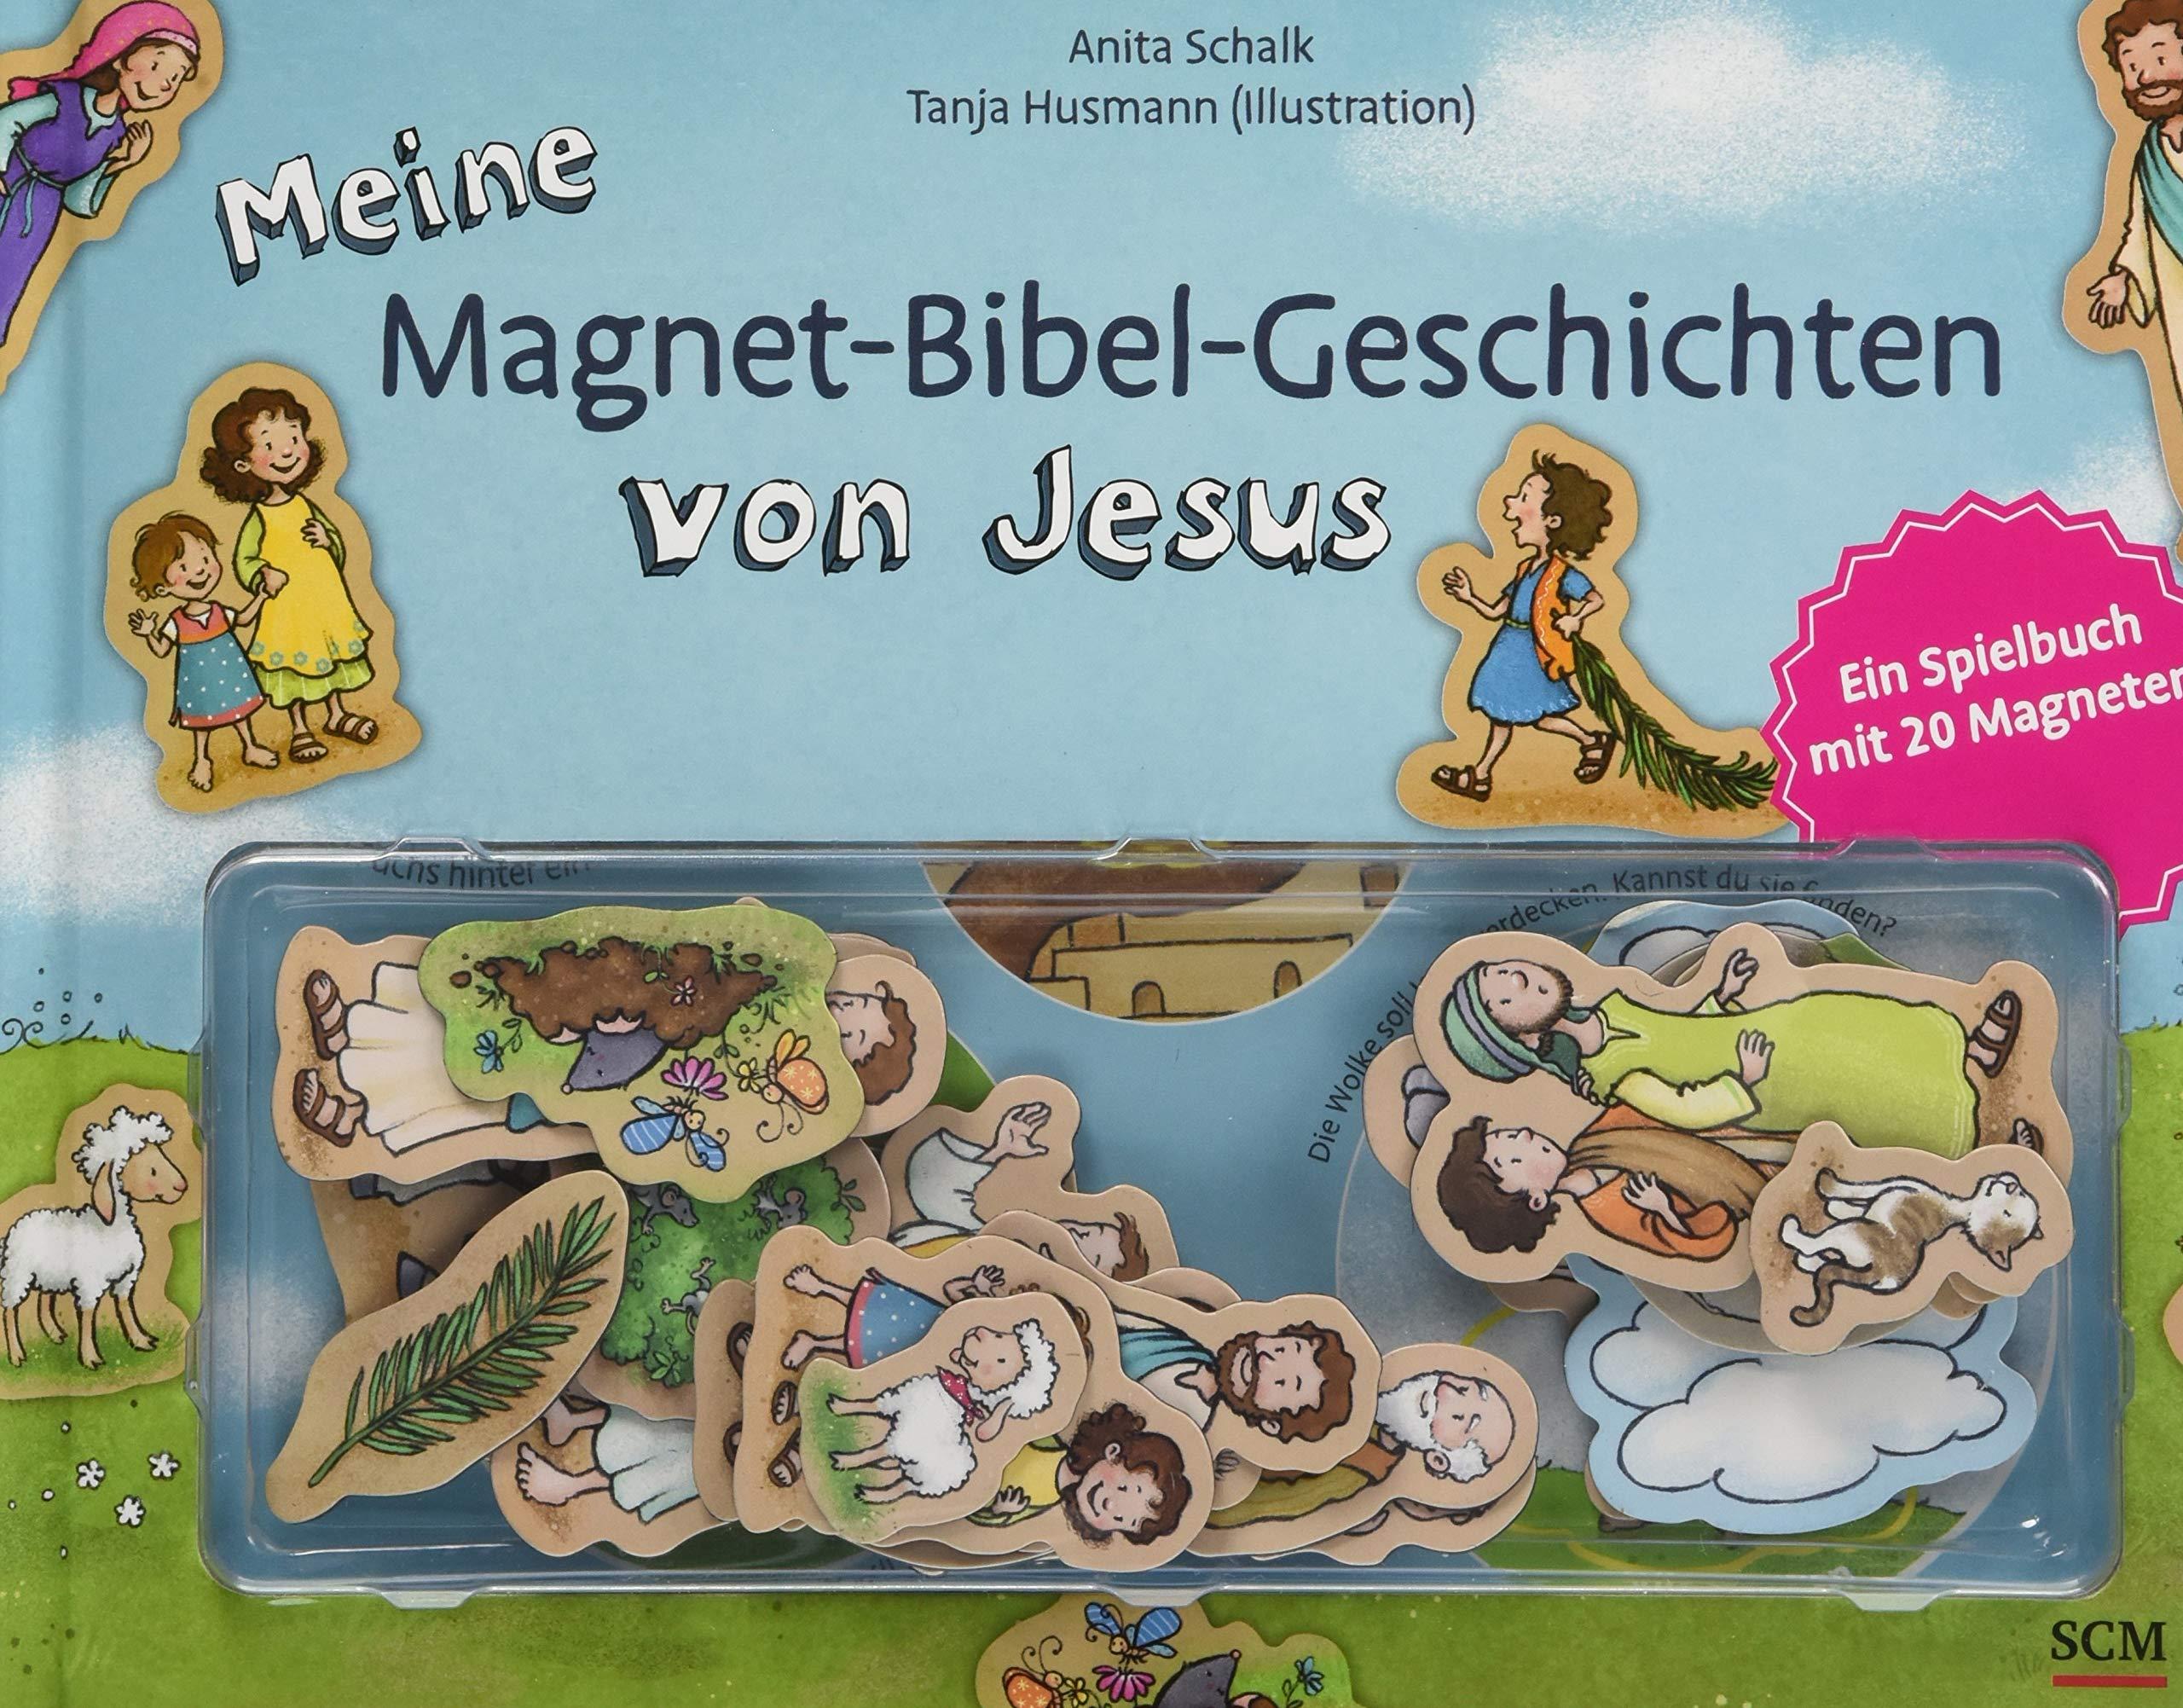 Meine Magnet-Bibel-Geschichten von Jesus: Ein Spielbuch mit 20 Magneten